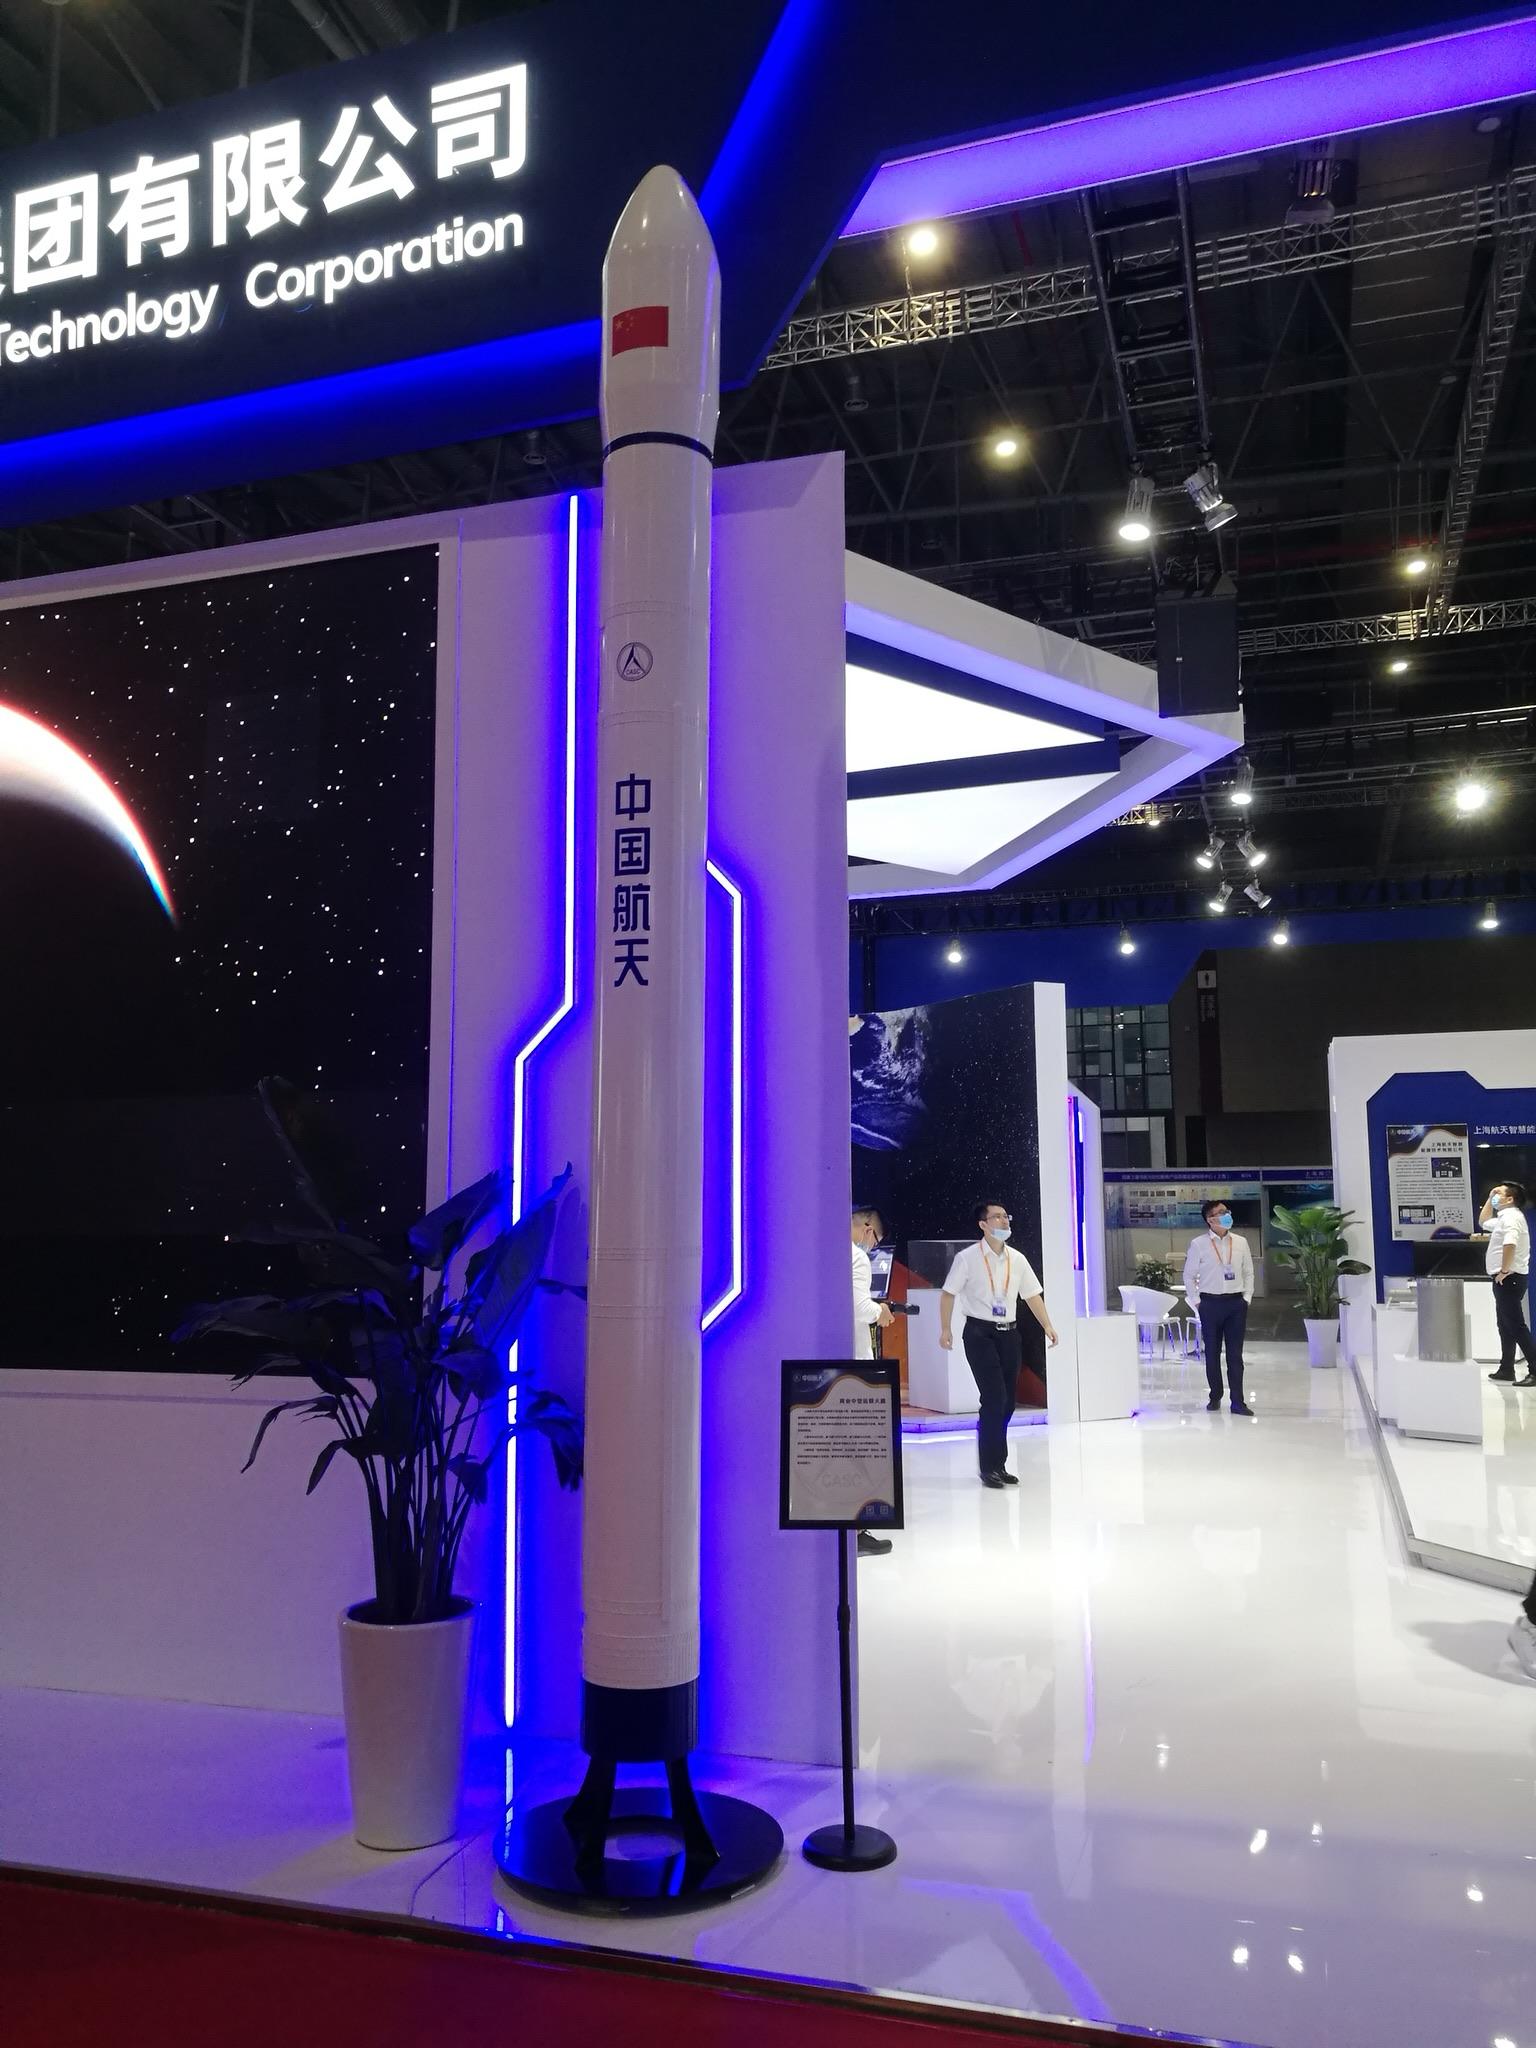 上海航天技术研究院抓总研制的商业中型液体火箭,15日首次亮相工博会。